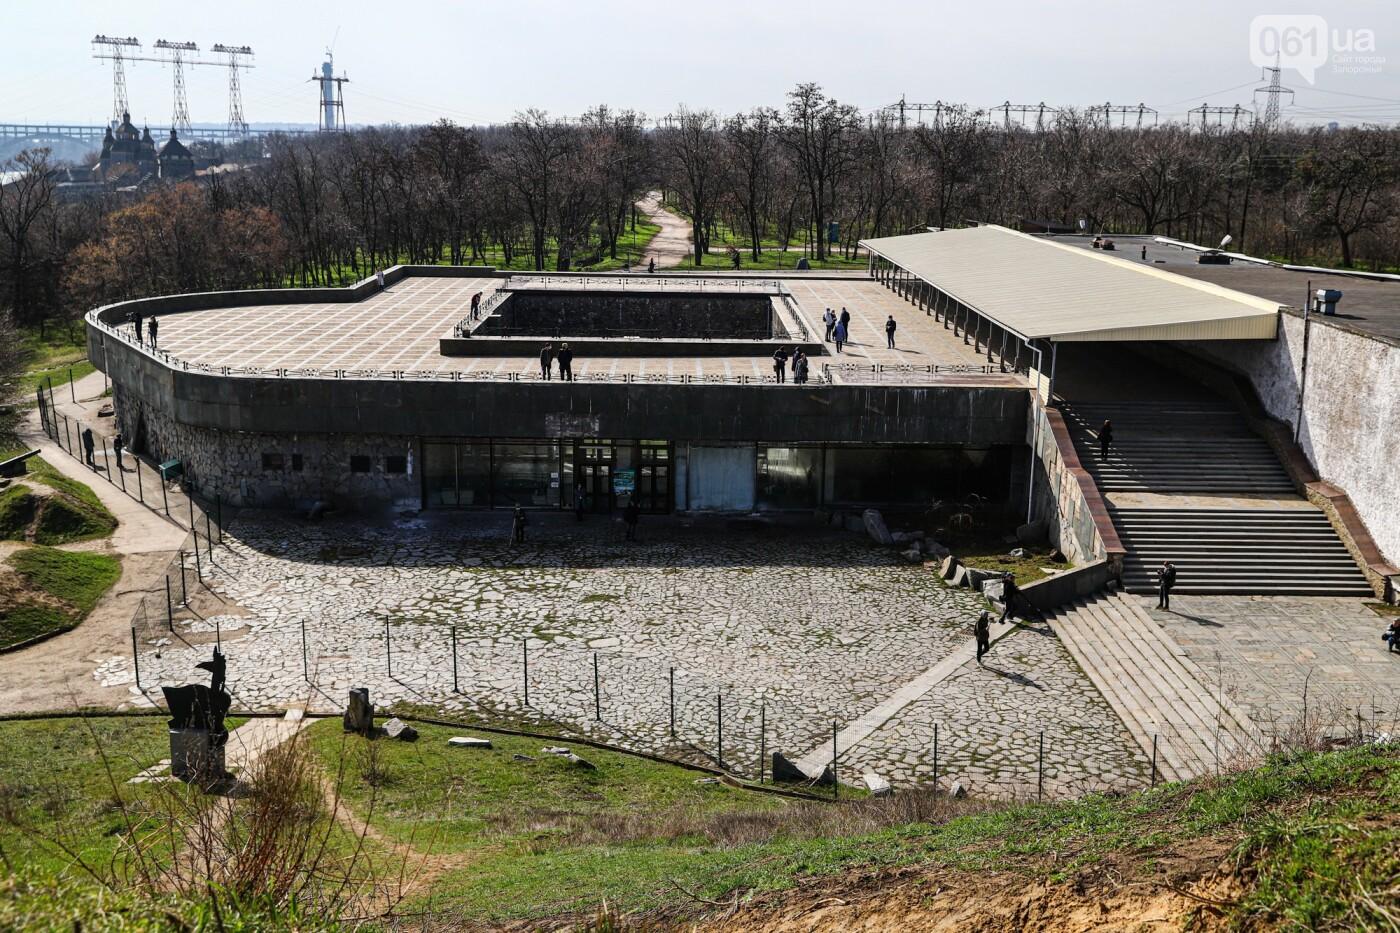 Монтаж первого пролета вантового моста, транспортный локдаун и репортаж из заброшенной шахты: апрель в фотографиях, фото-56